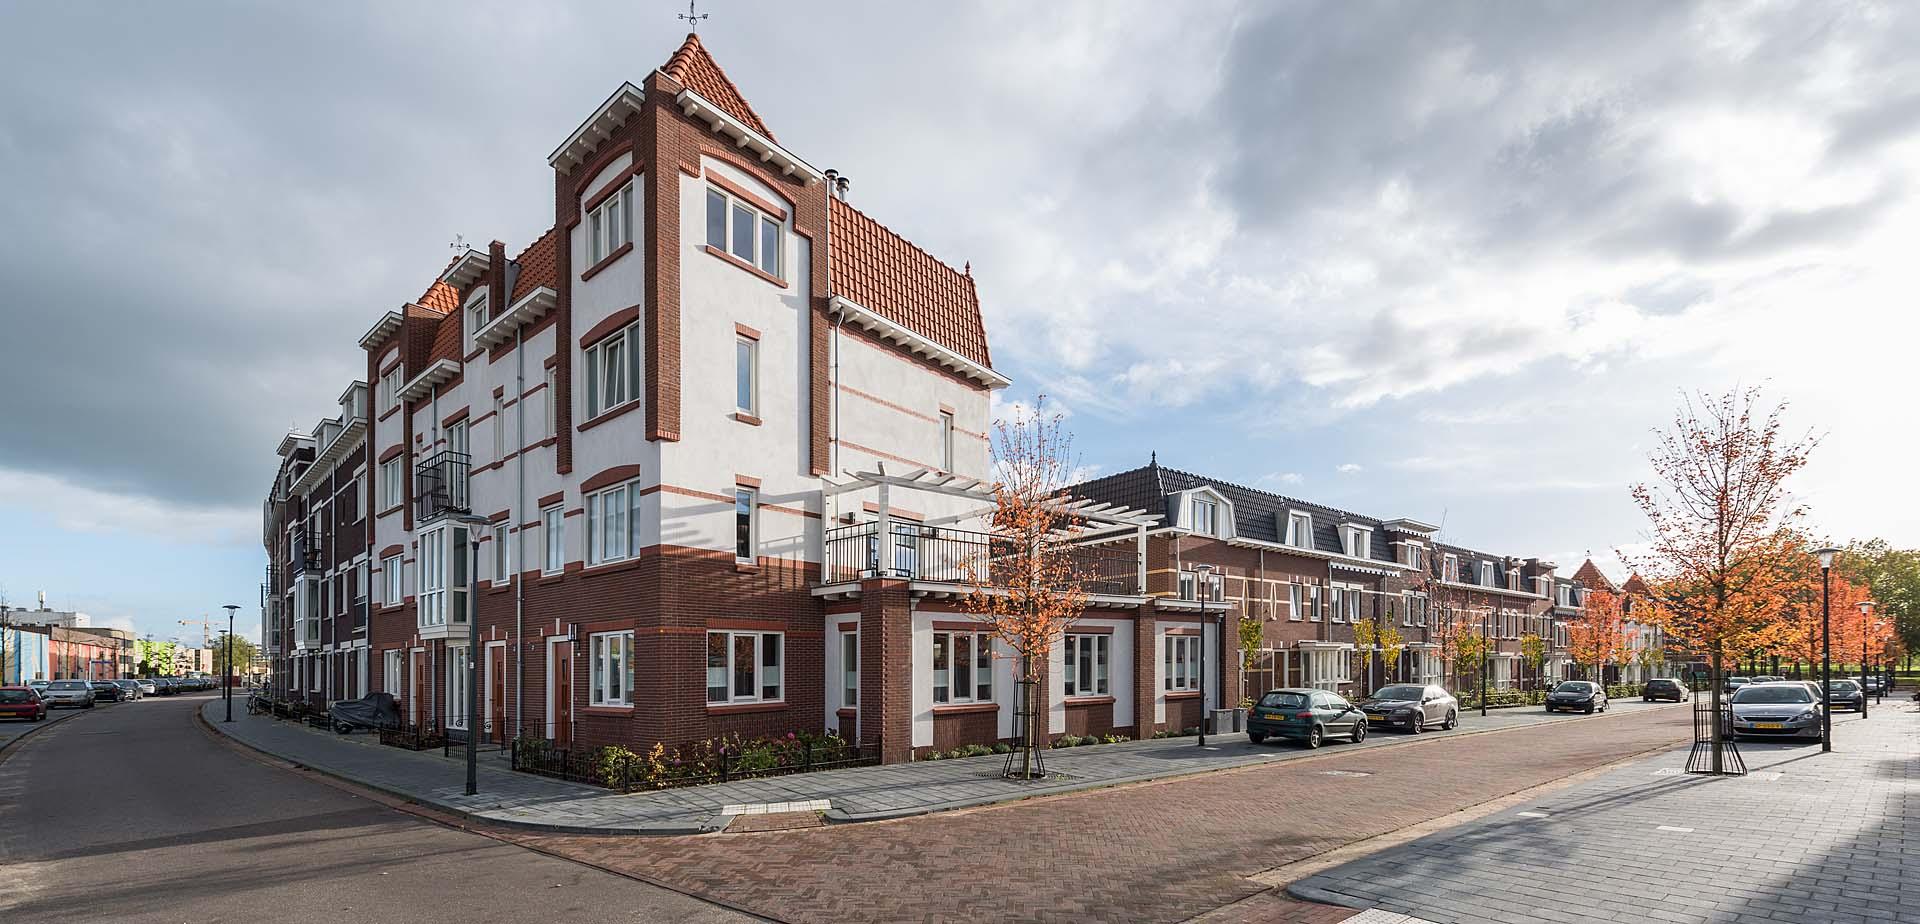 Koningsdaal - TvdH20171027099_443163